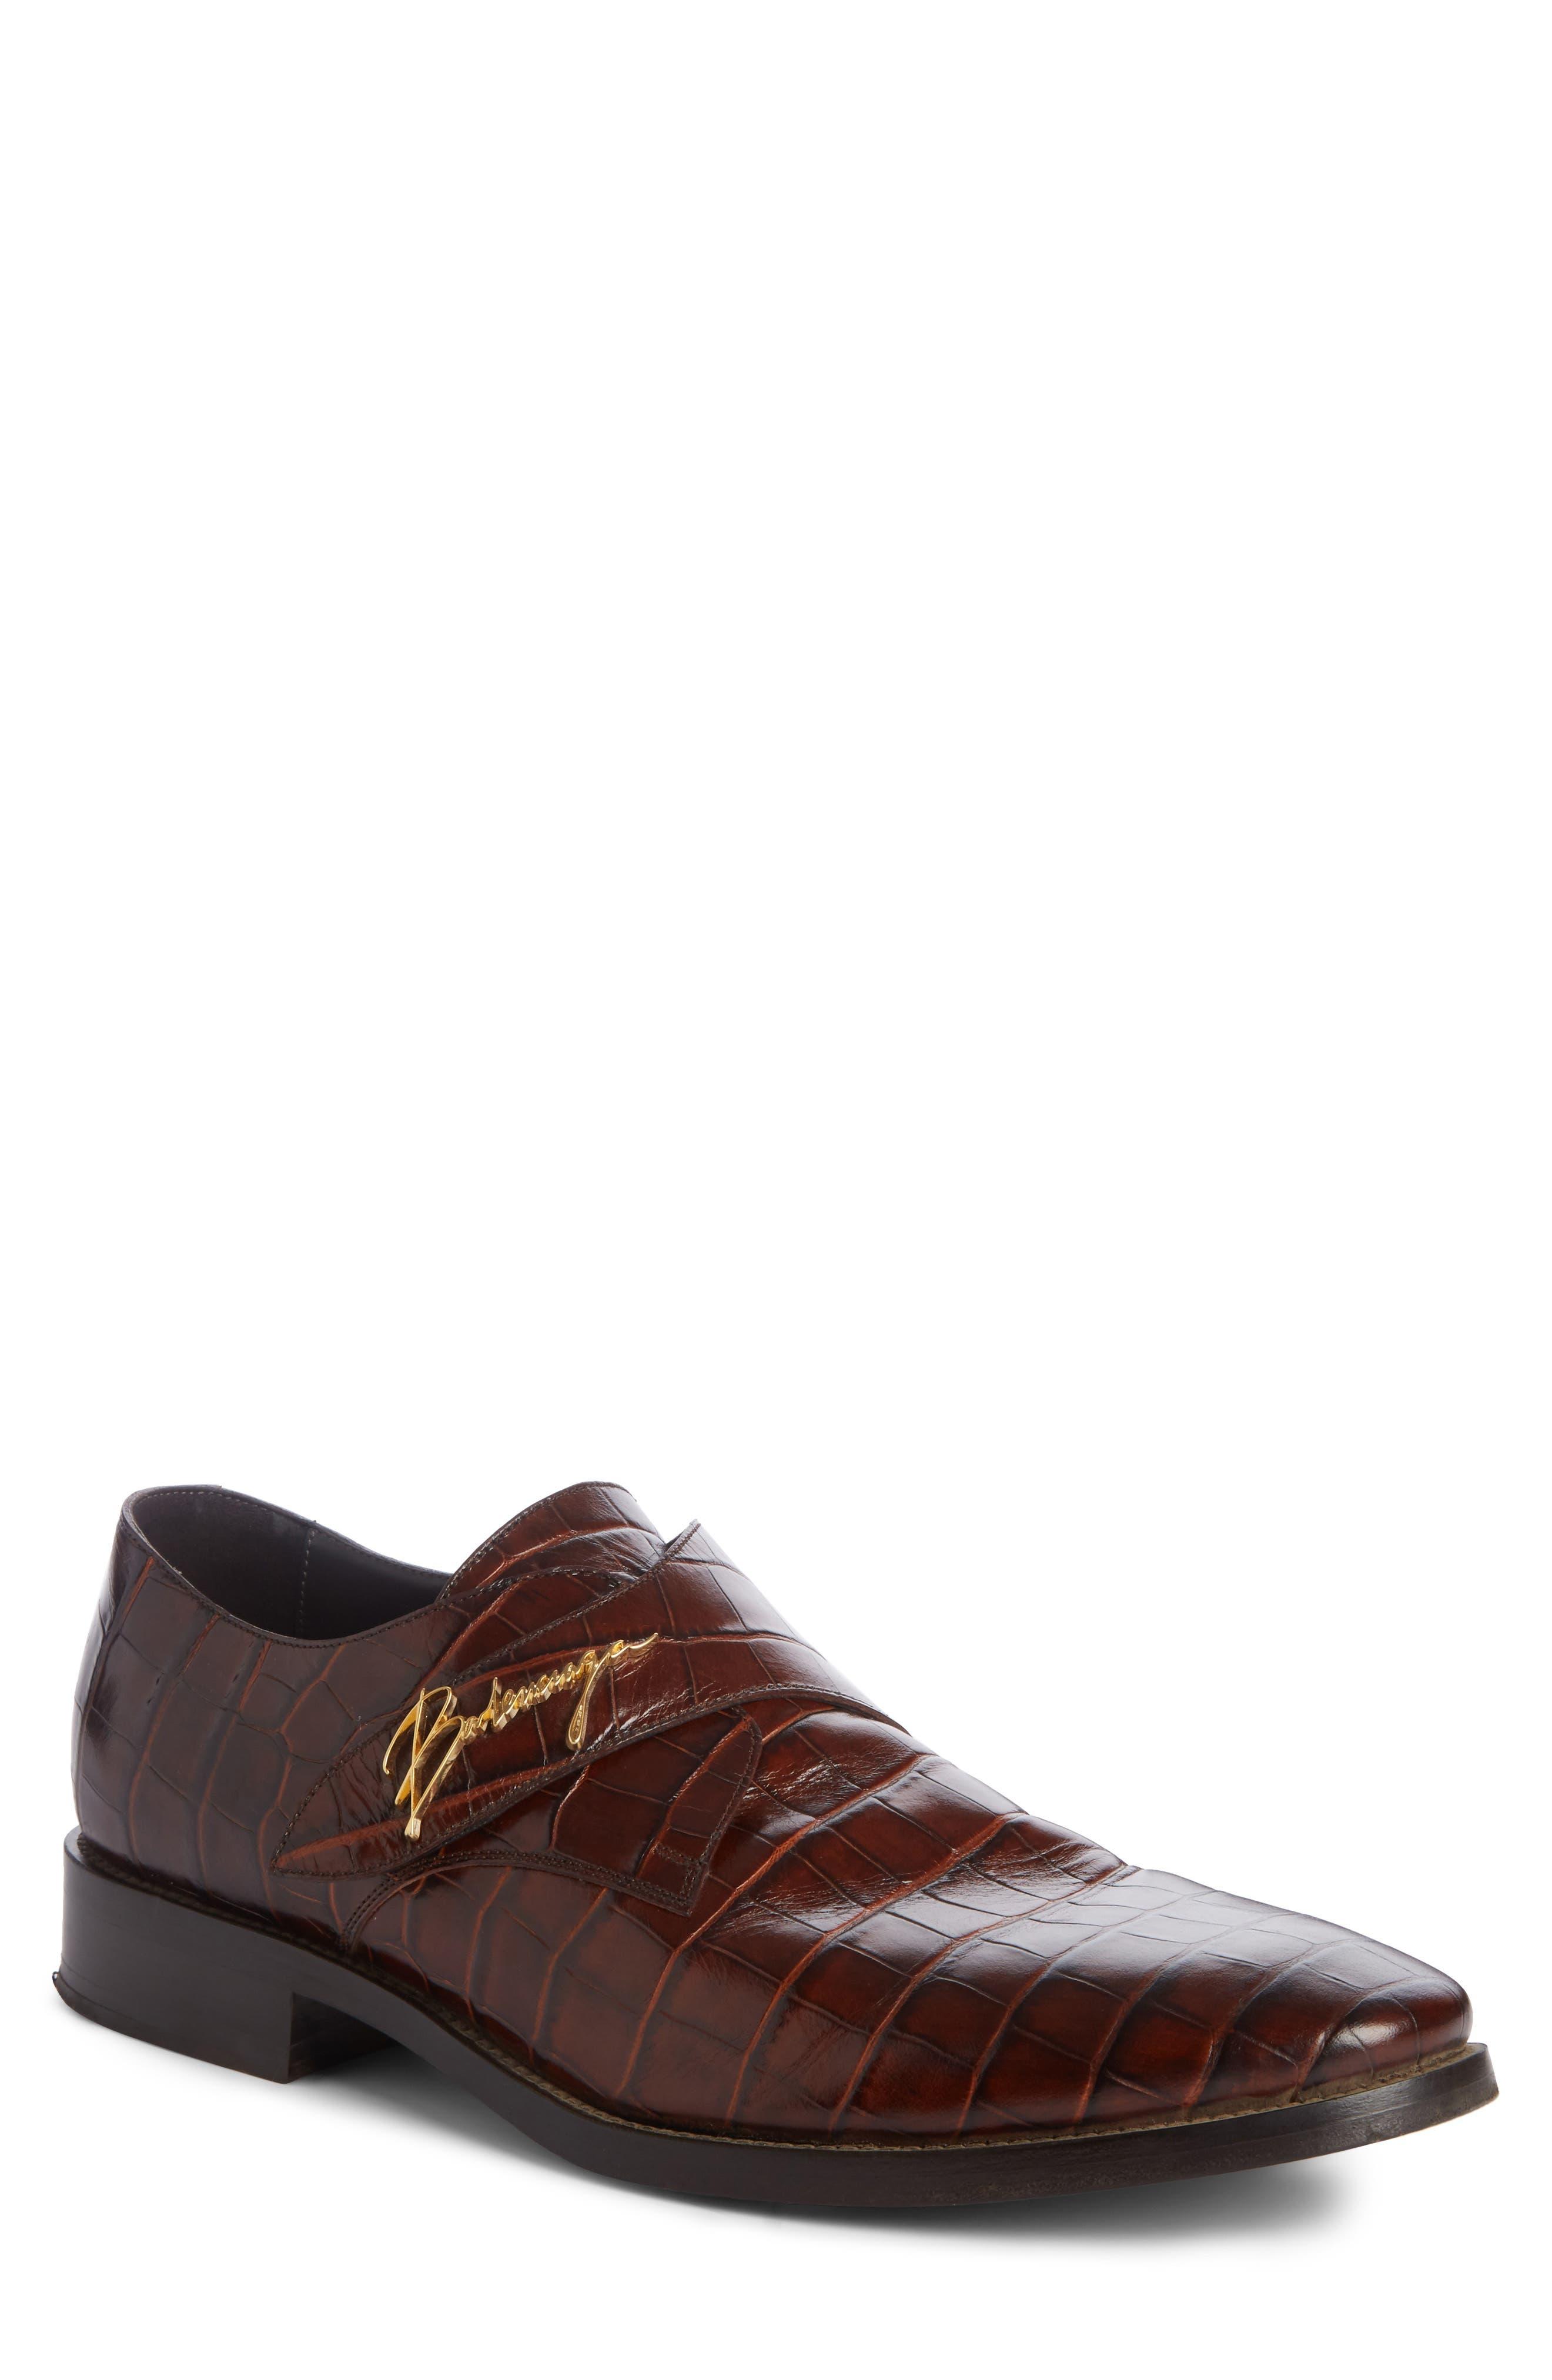 Monk Strap Shoe,                         Main,                         color, Marron Chocolat